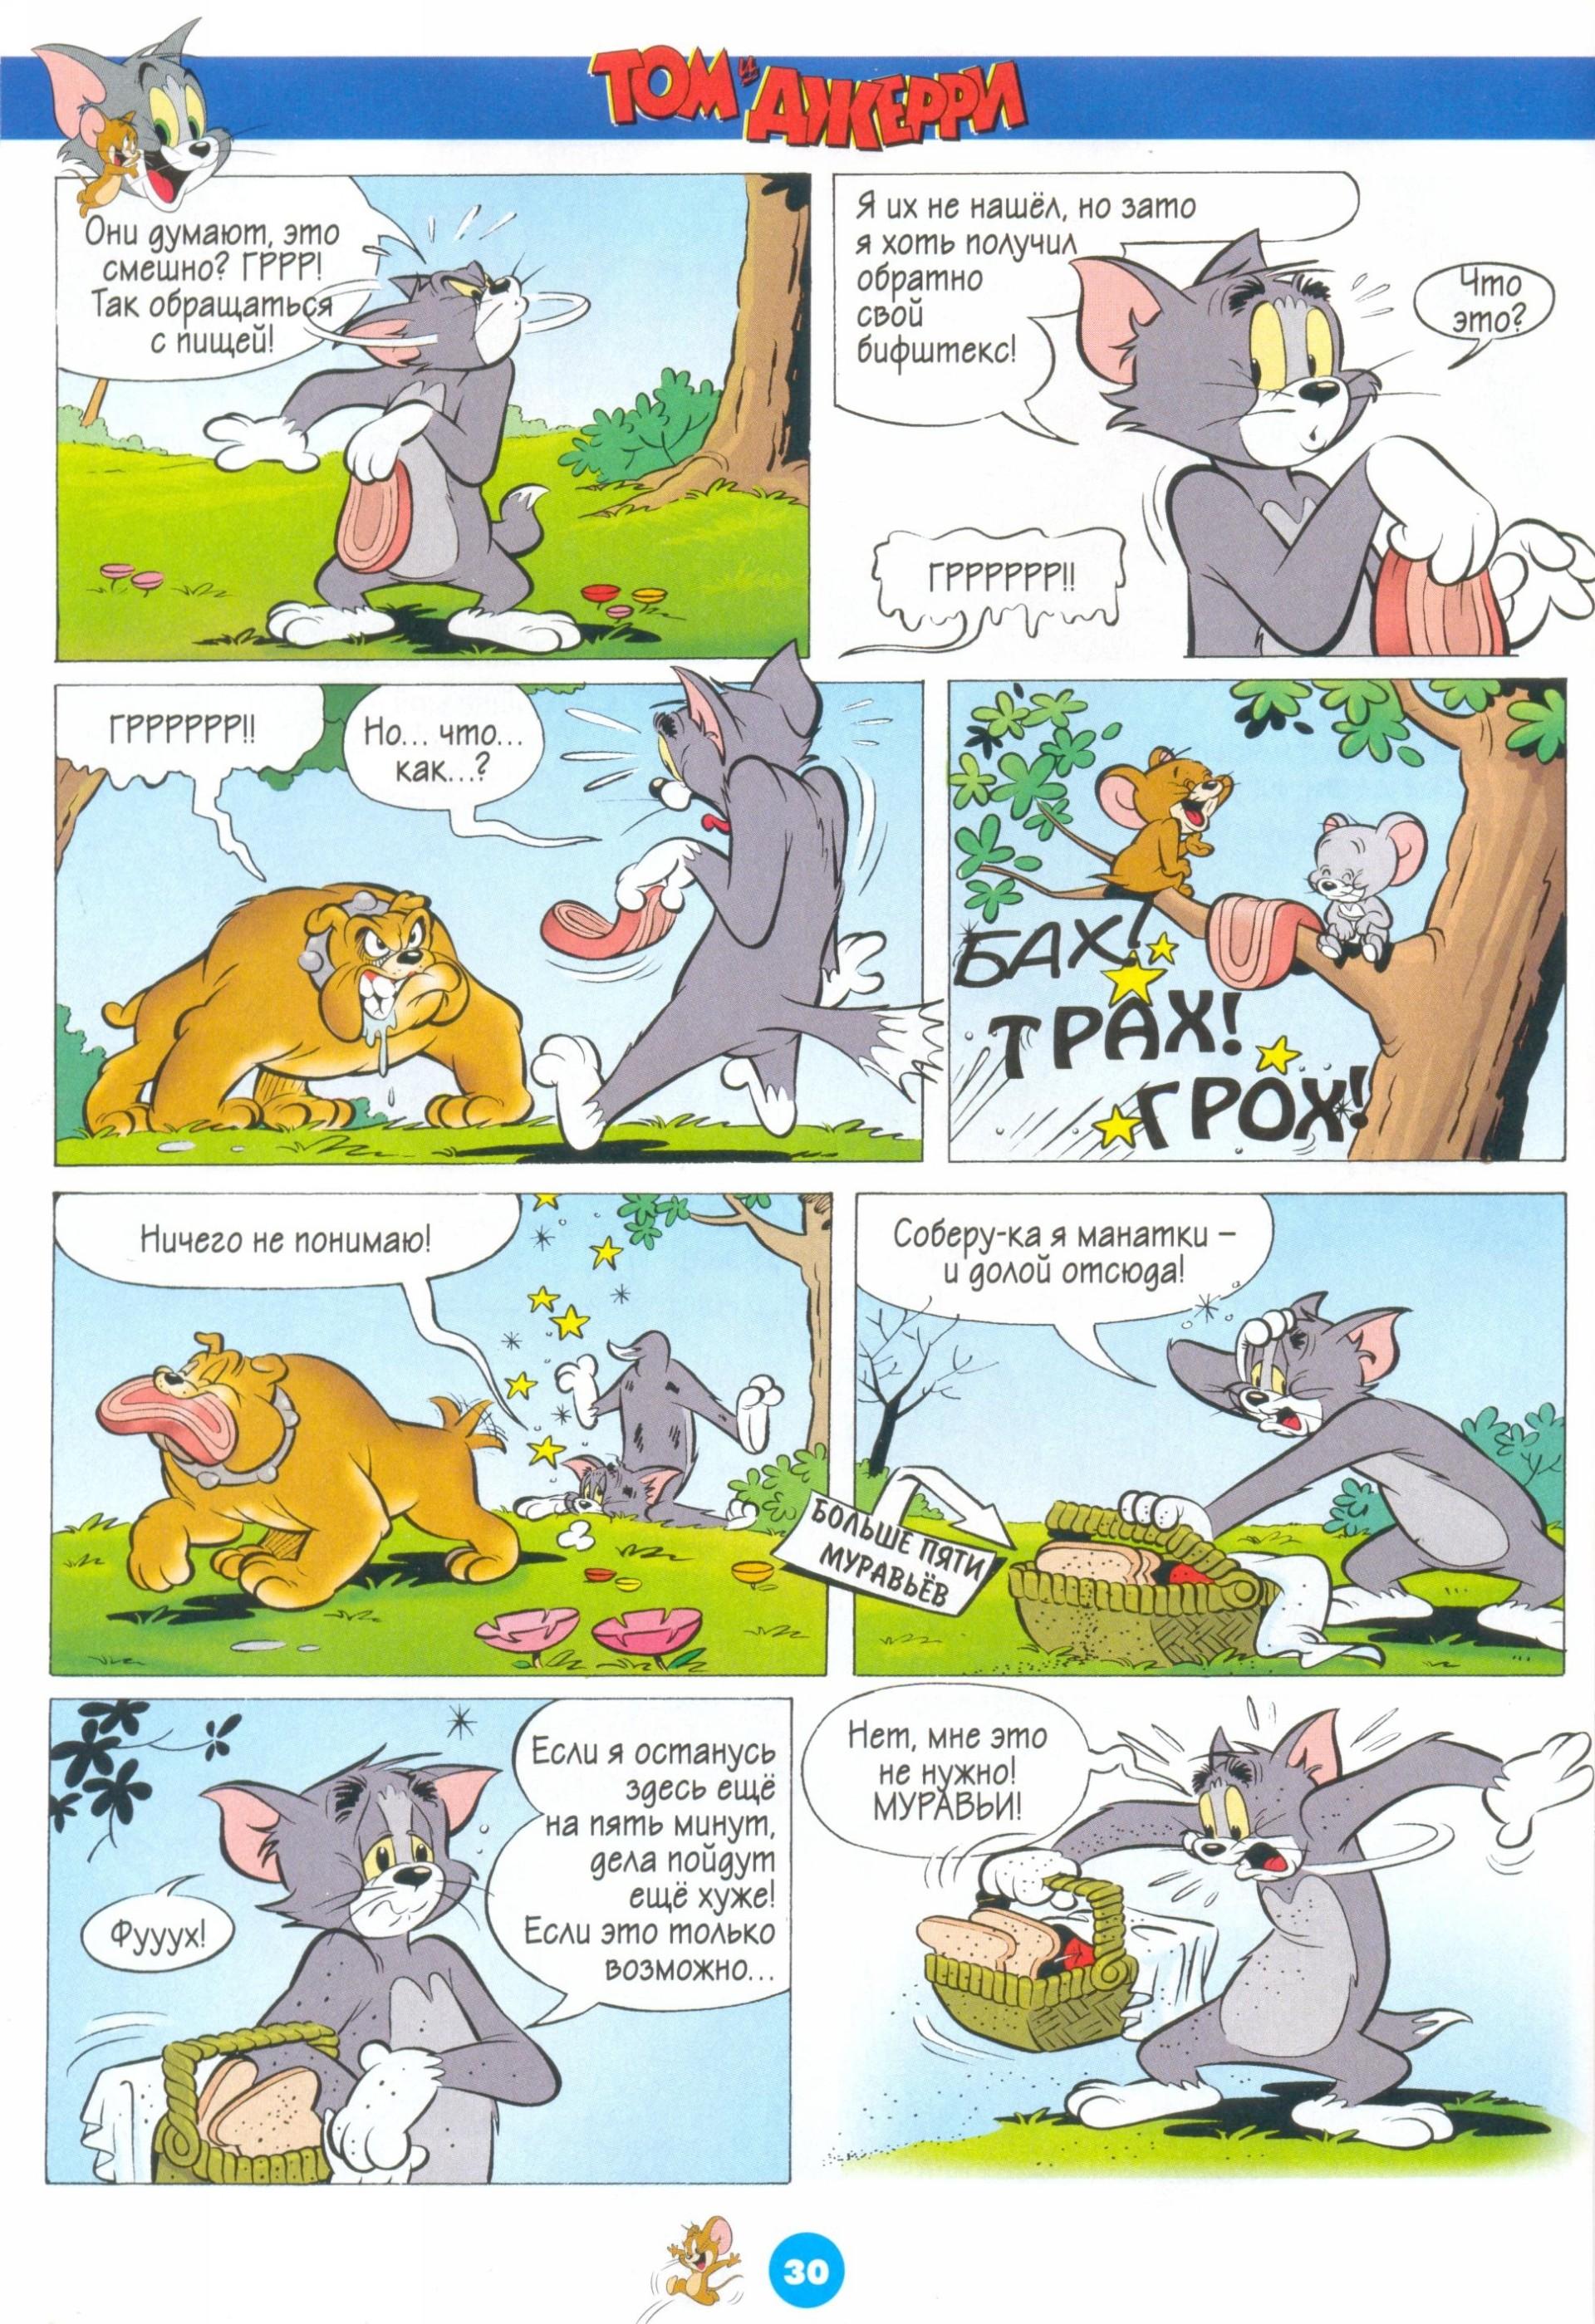 Том и джерри скачать комиксы pdf